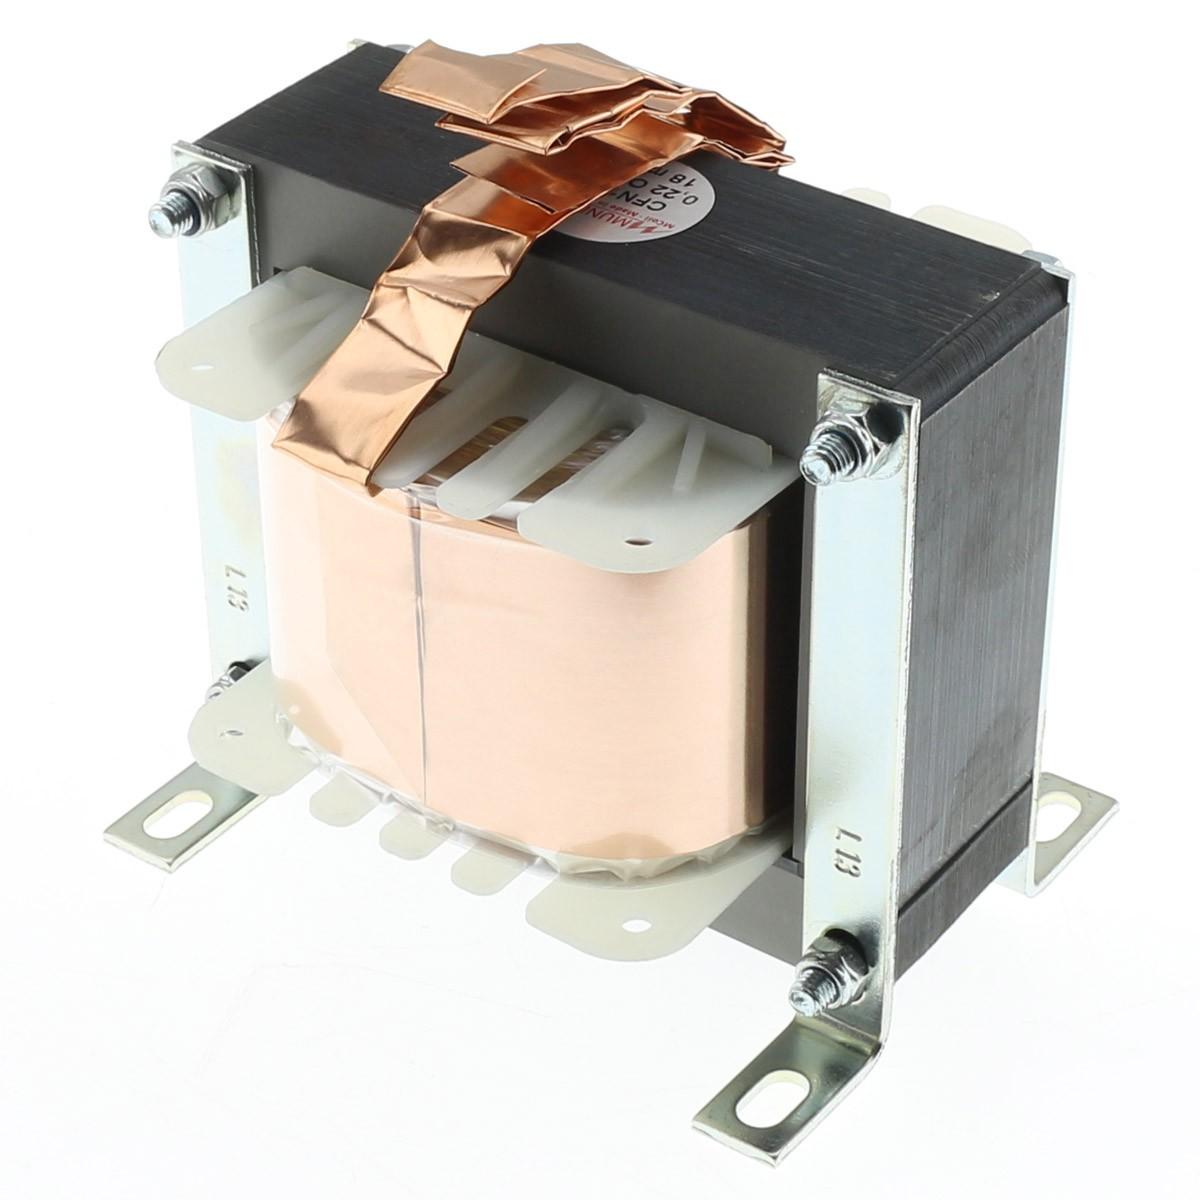 MUNDORF CFN14 Copper Foil Ferron Core Coil Zero-Ohm 5.6mH